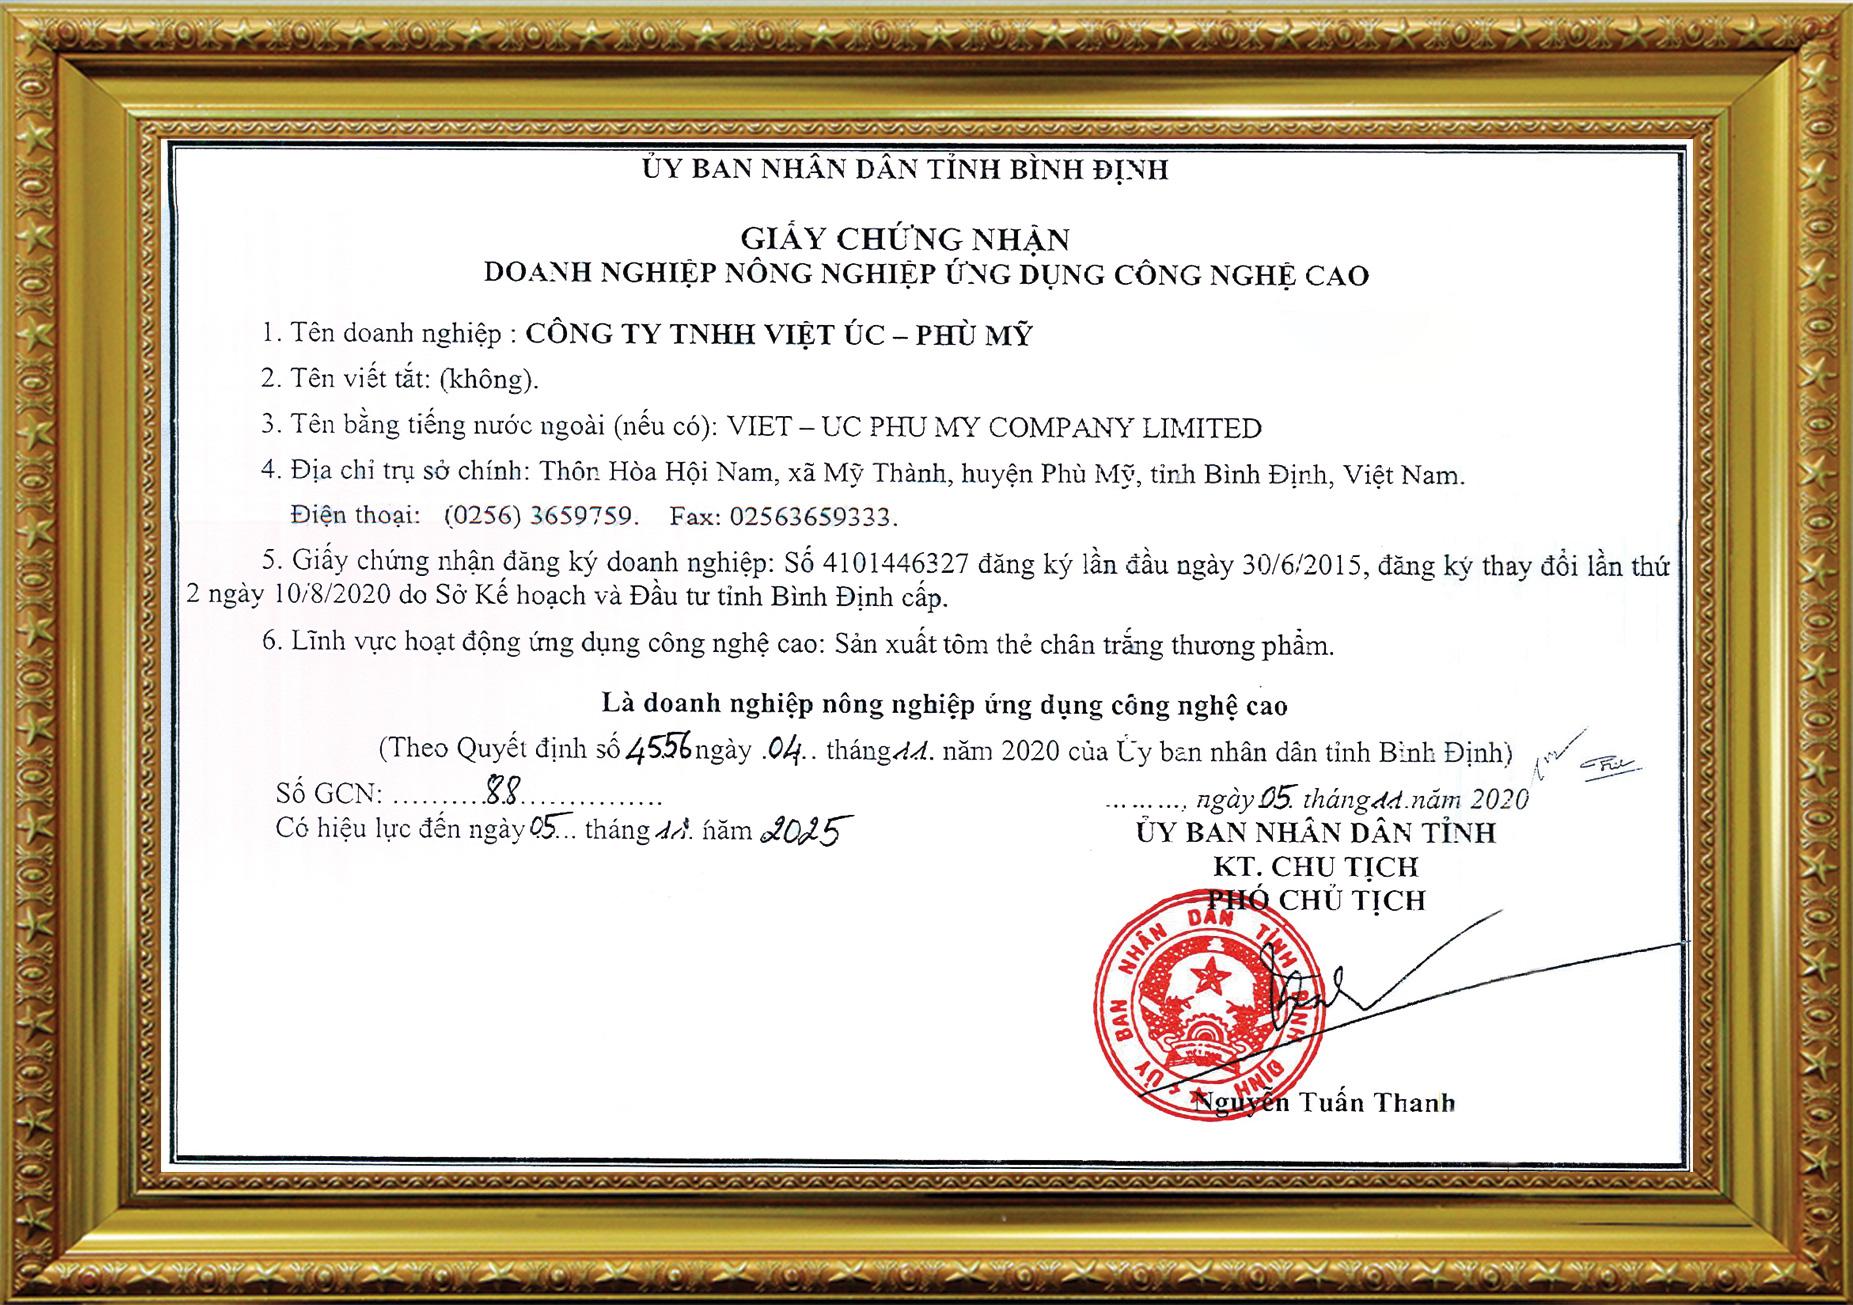 Khu nuôi tôm ứng dụng công nghệ cao của Tập đoàn Việt - Úc đạt các chứng nhận quan trọng - Ảnh 3.